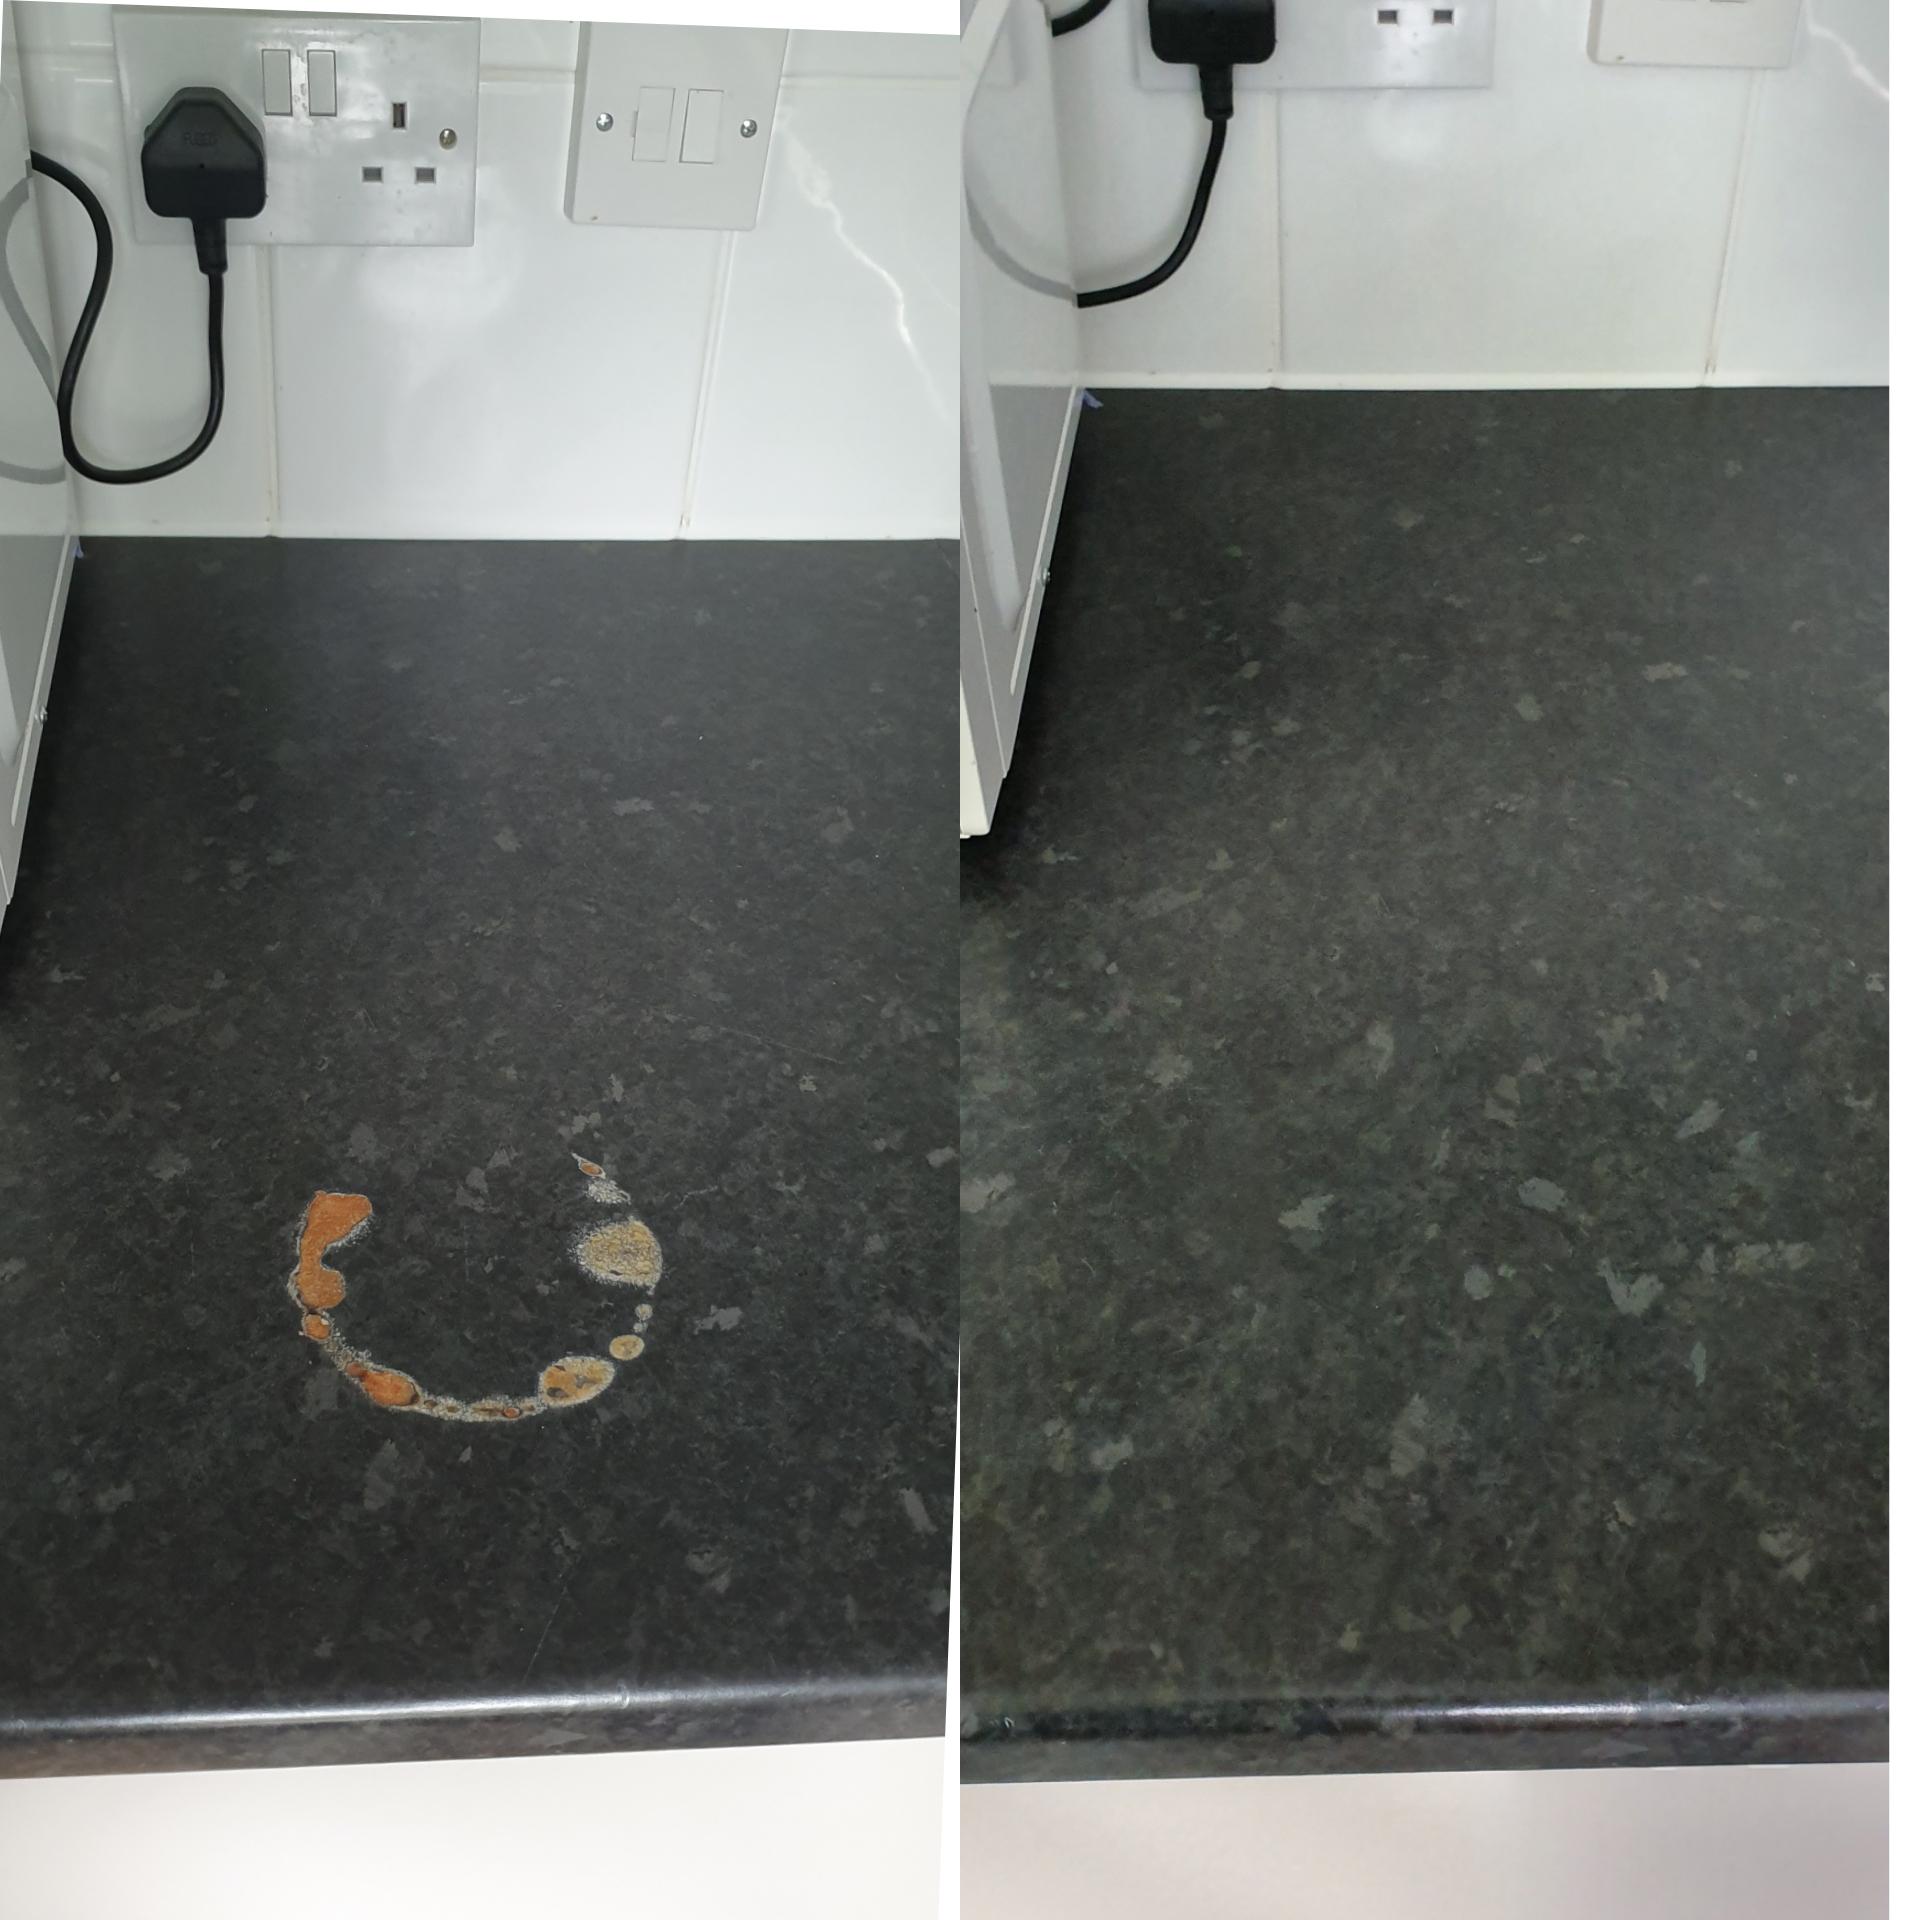 Laminate worktop burn repair before and after